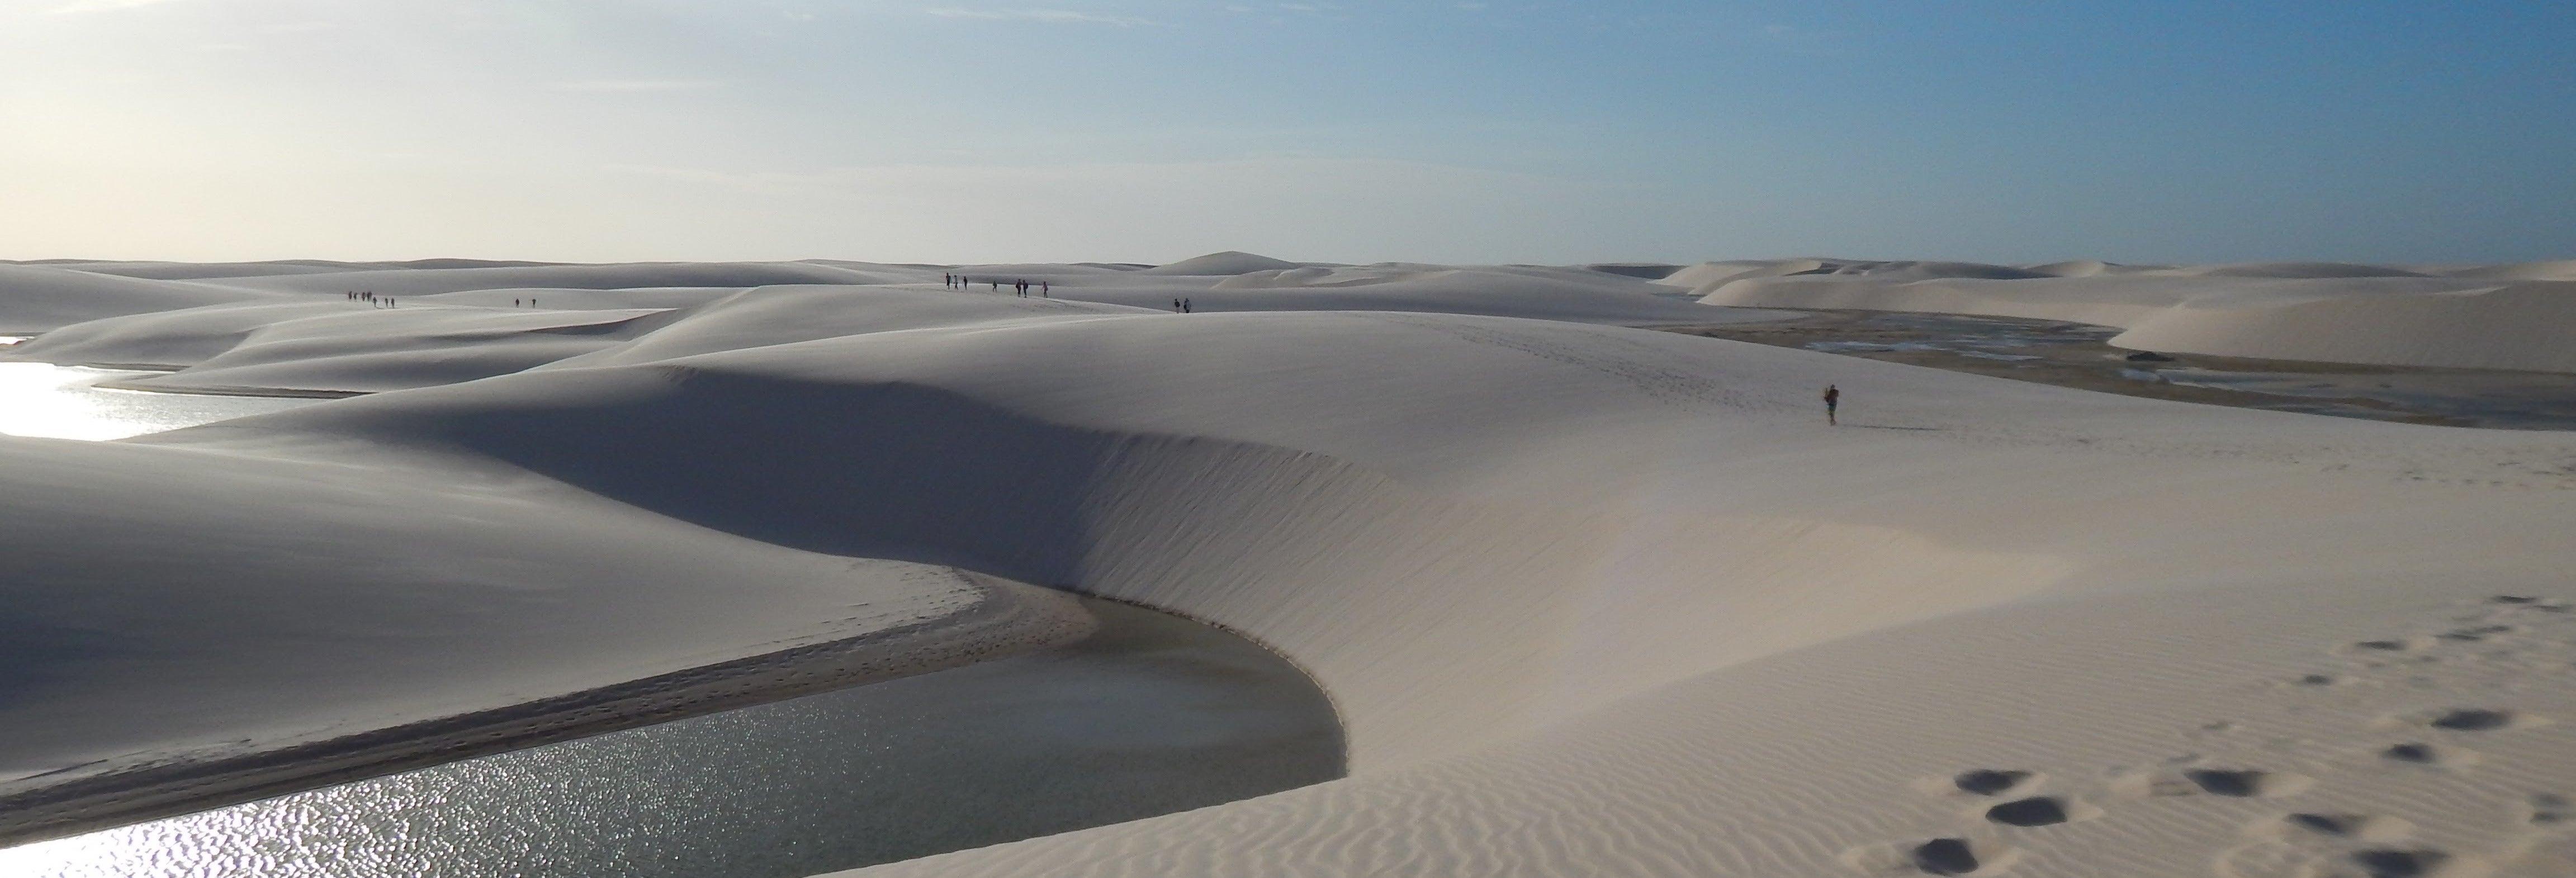 Itinerario di trekking privato di 3 giorni da Barreirinhas a Santo Amaro